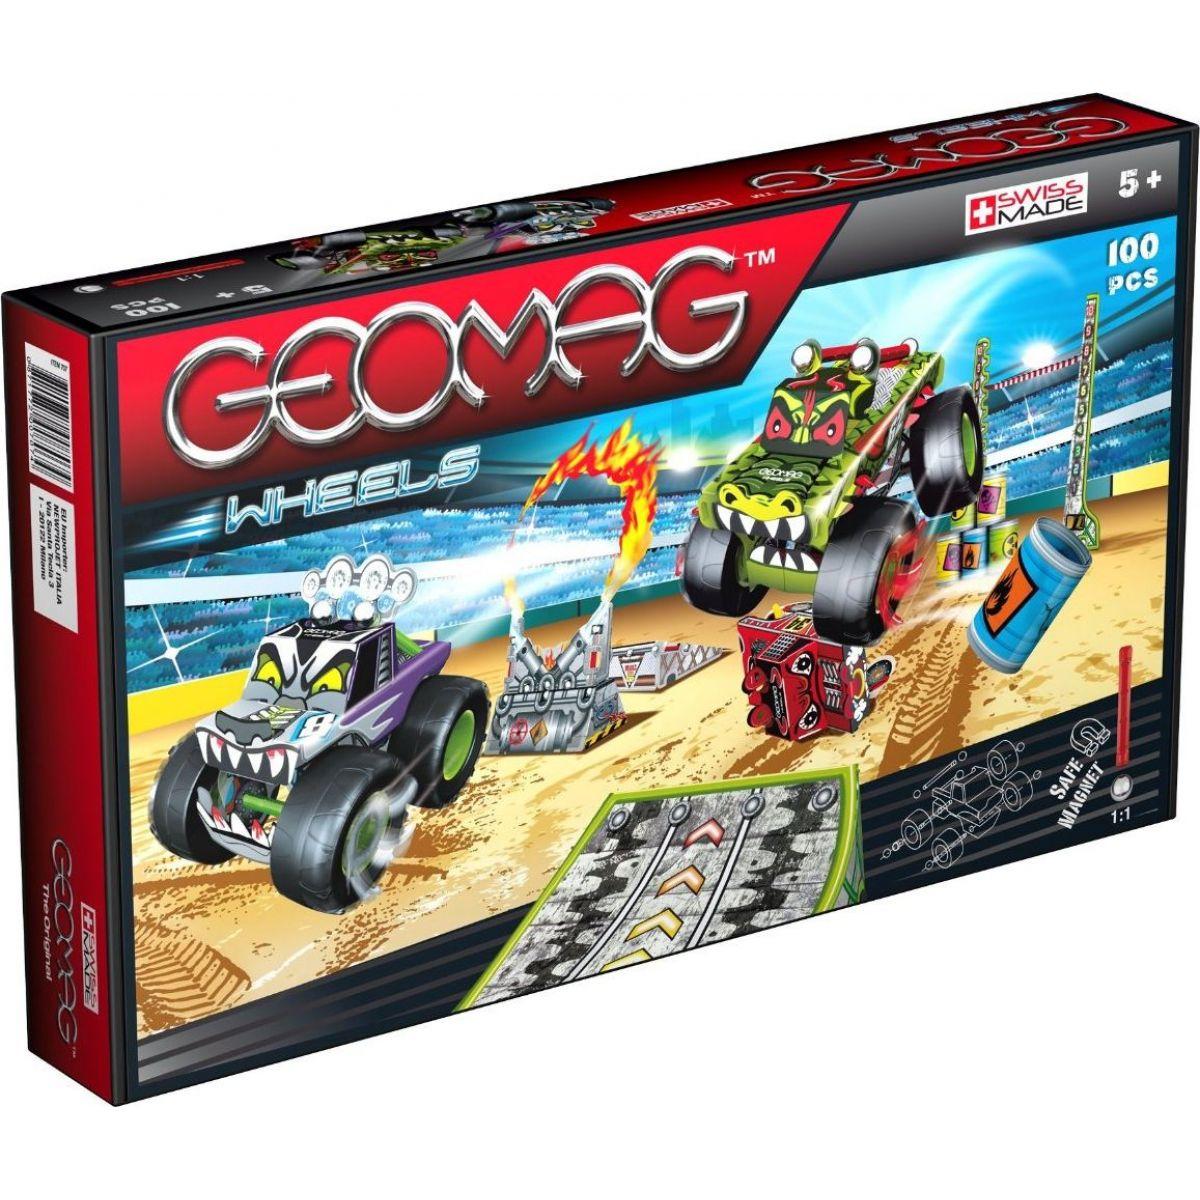 Geomag Wheels 707